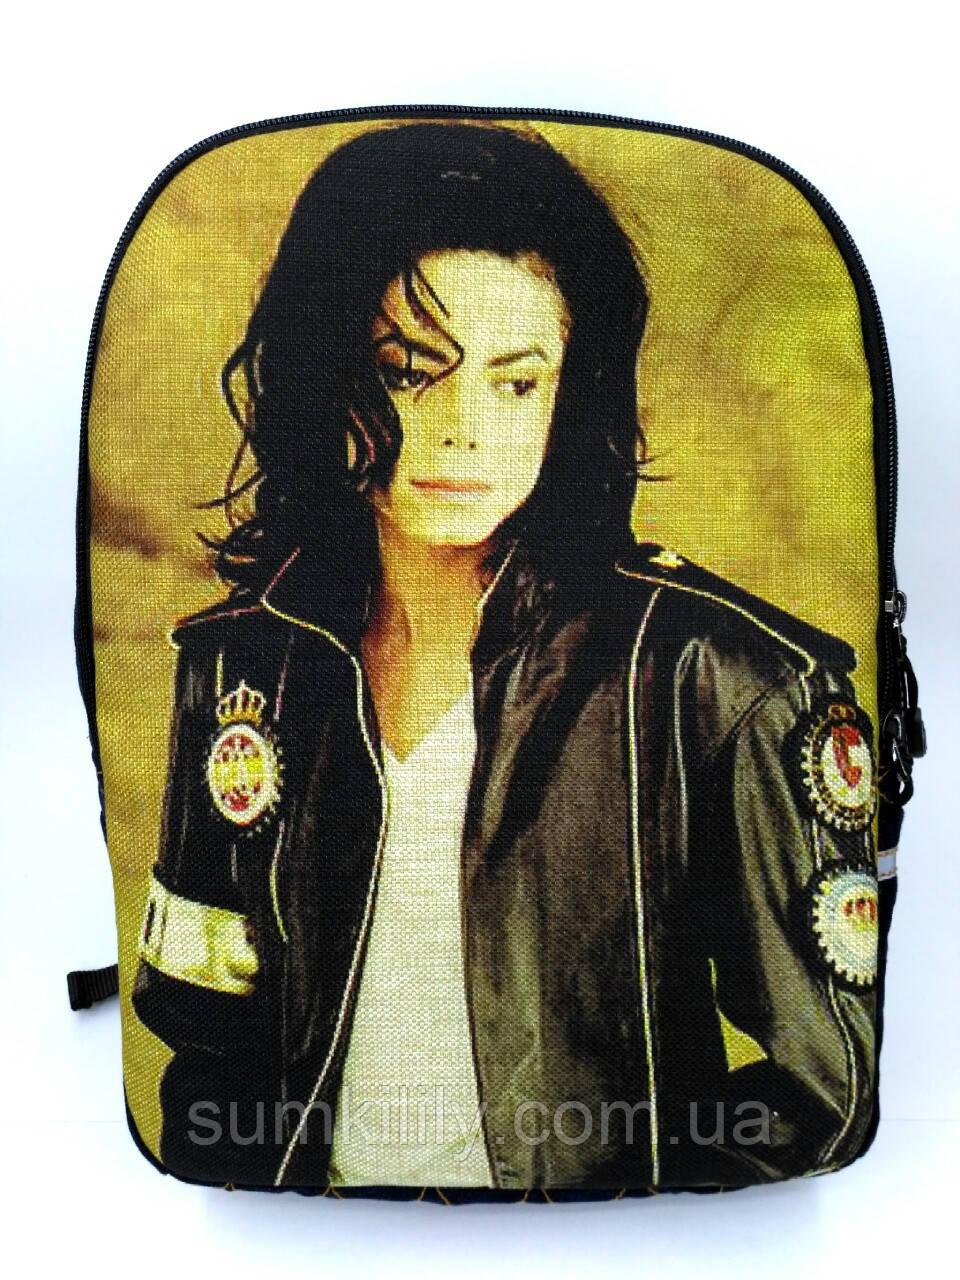 Джинсовый рюкзак Майкл Джексон 5